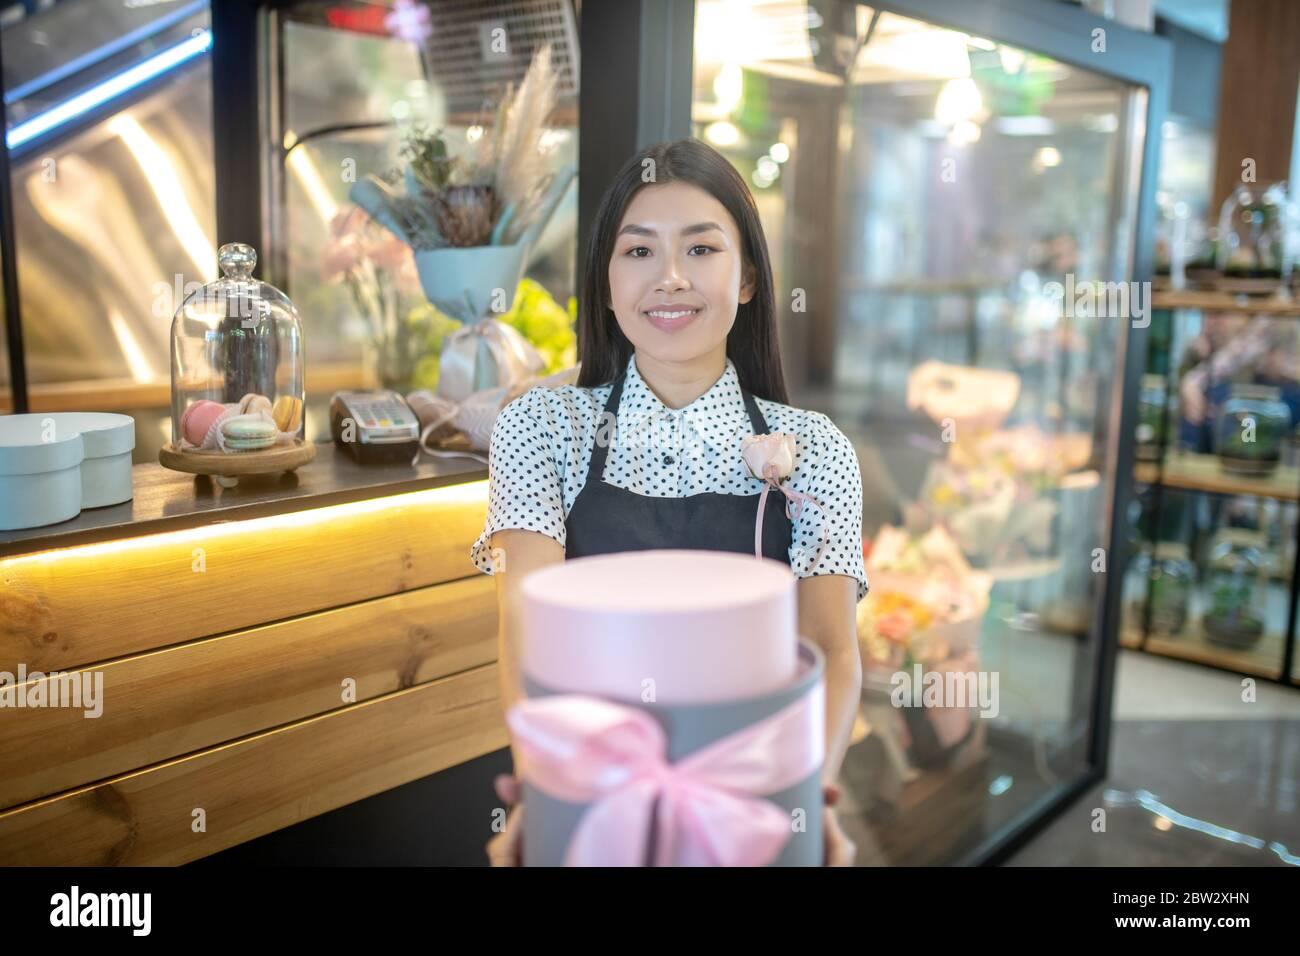 Brunette femelle en tablier tenant une boîte cadeau ronde avec noeud rose devant un glacière à fleurs, souriant Banque D'Images